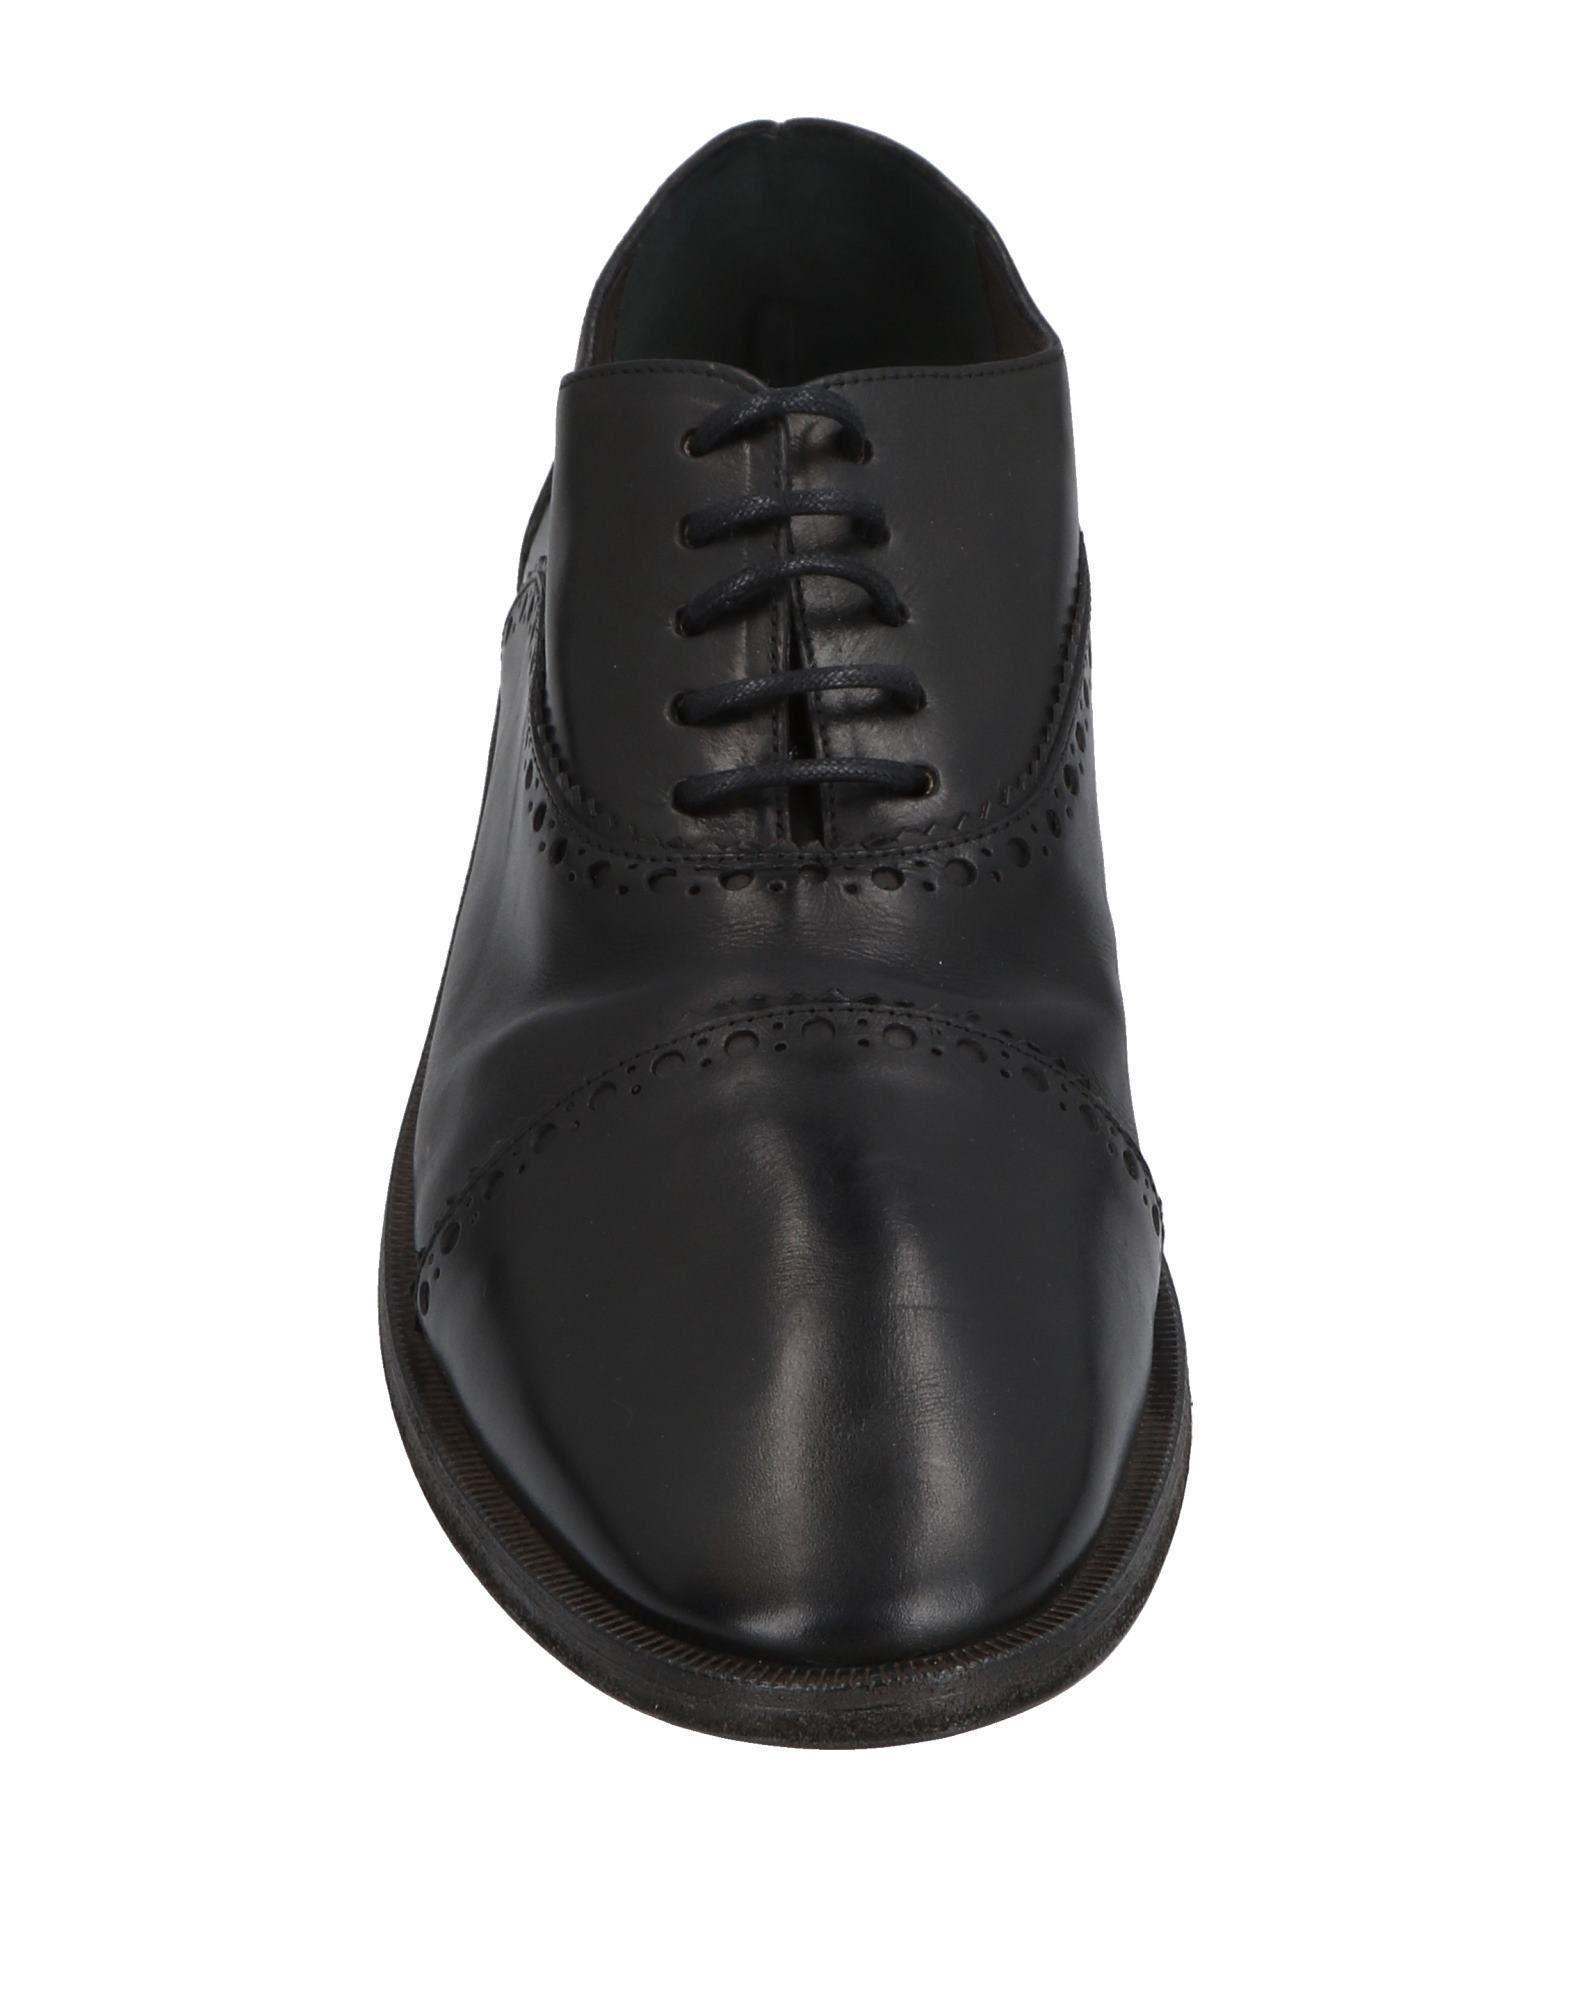 Marsèll Herren Schnürschuhe Herren Marsèll  11454230XH Heiße Schuhe 3e4750